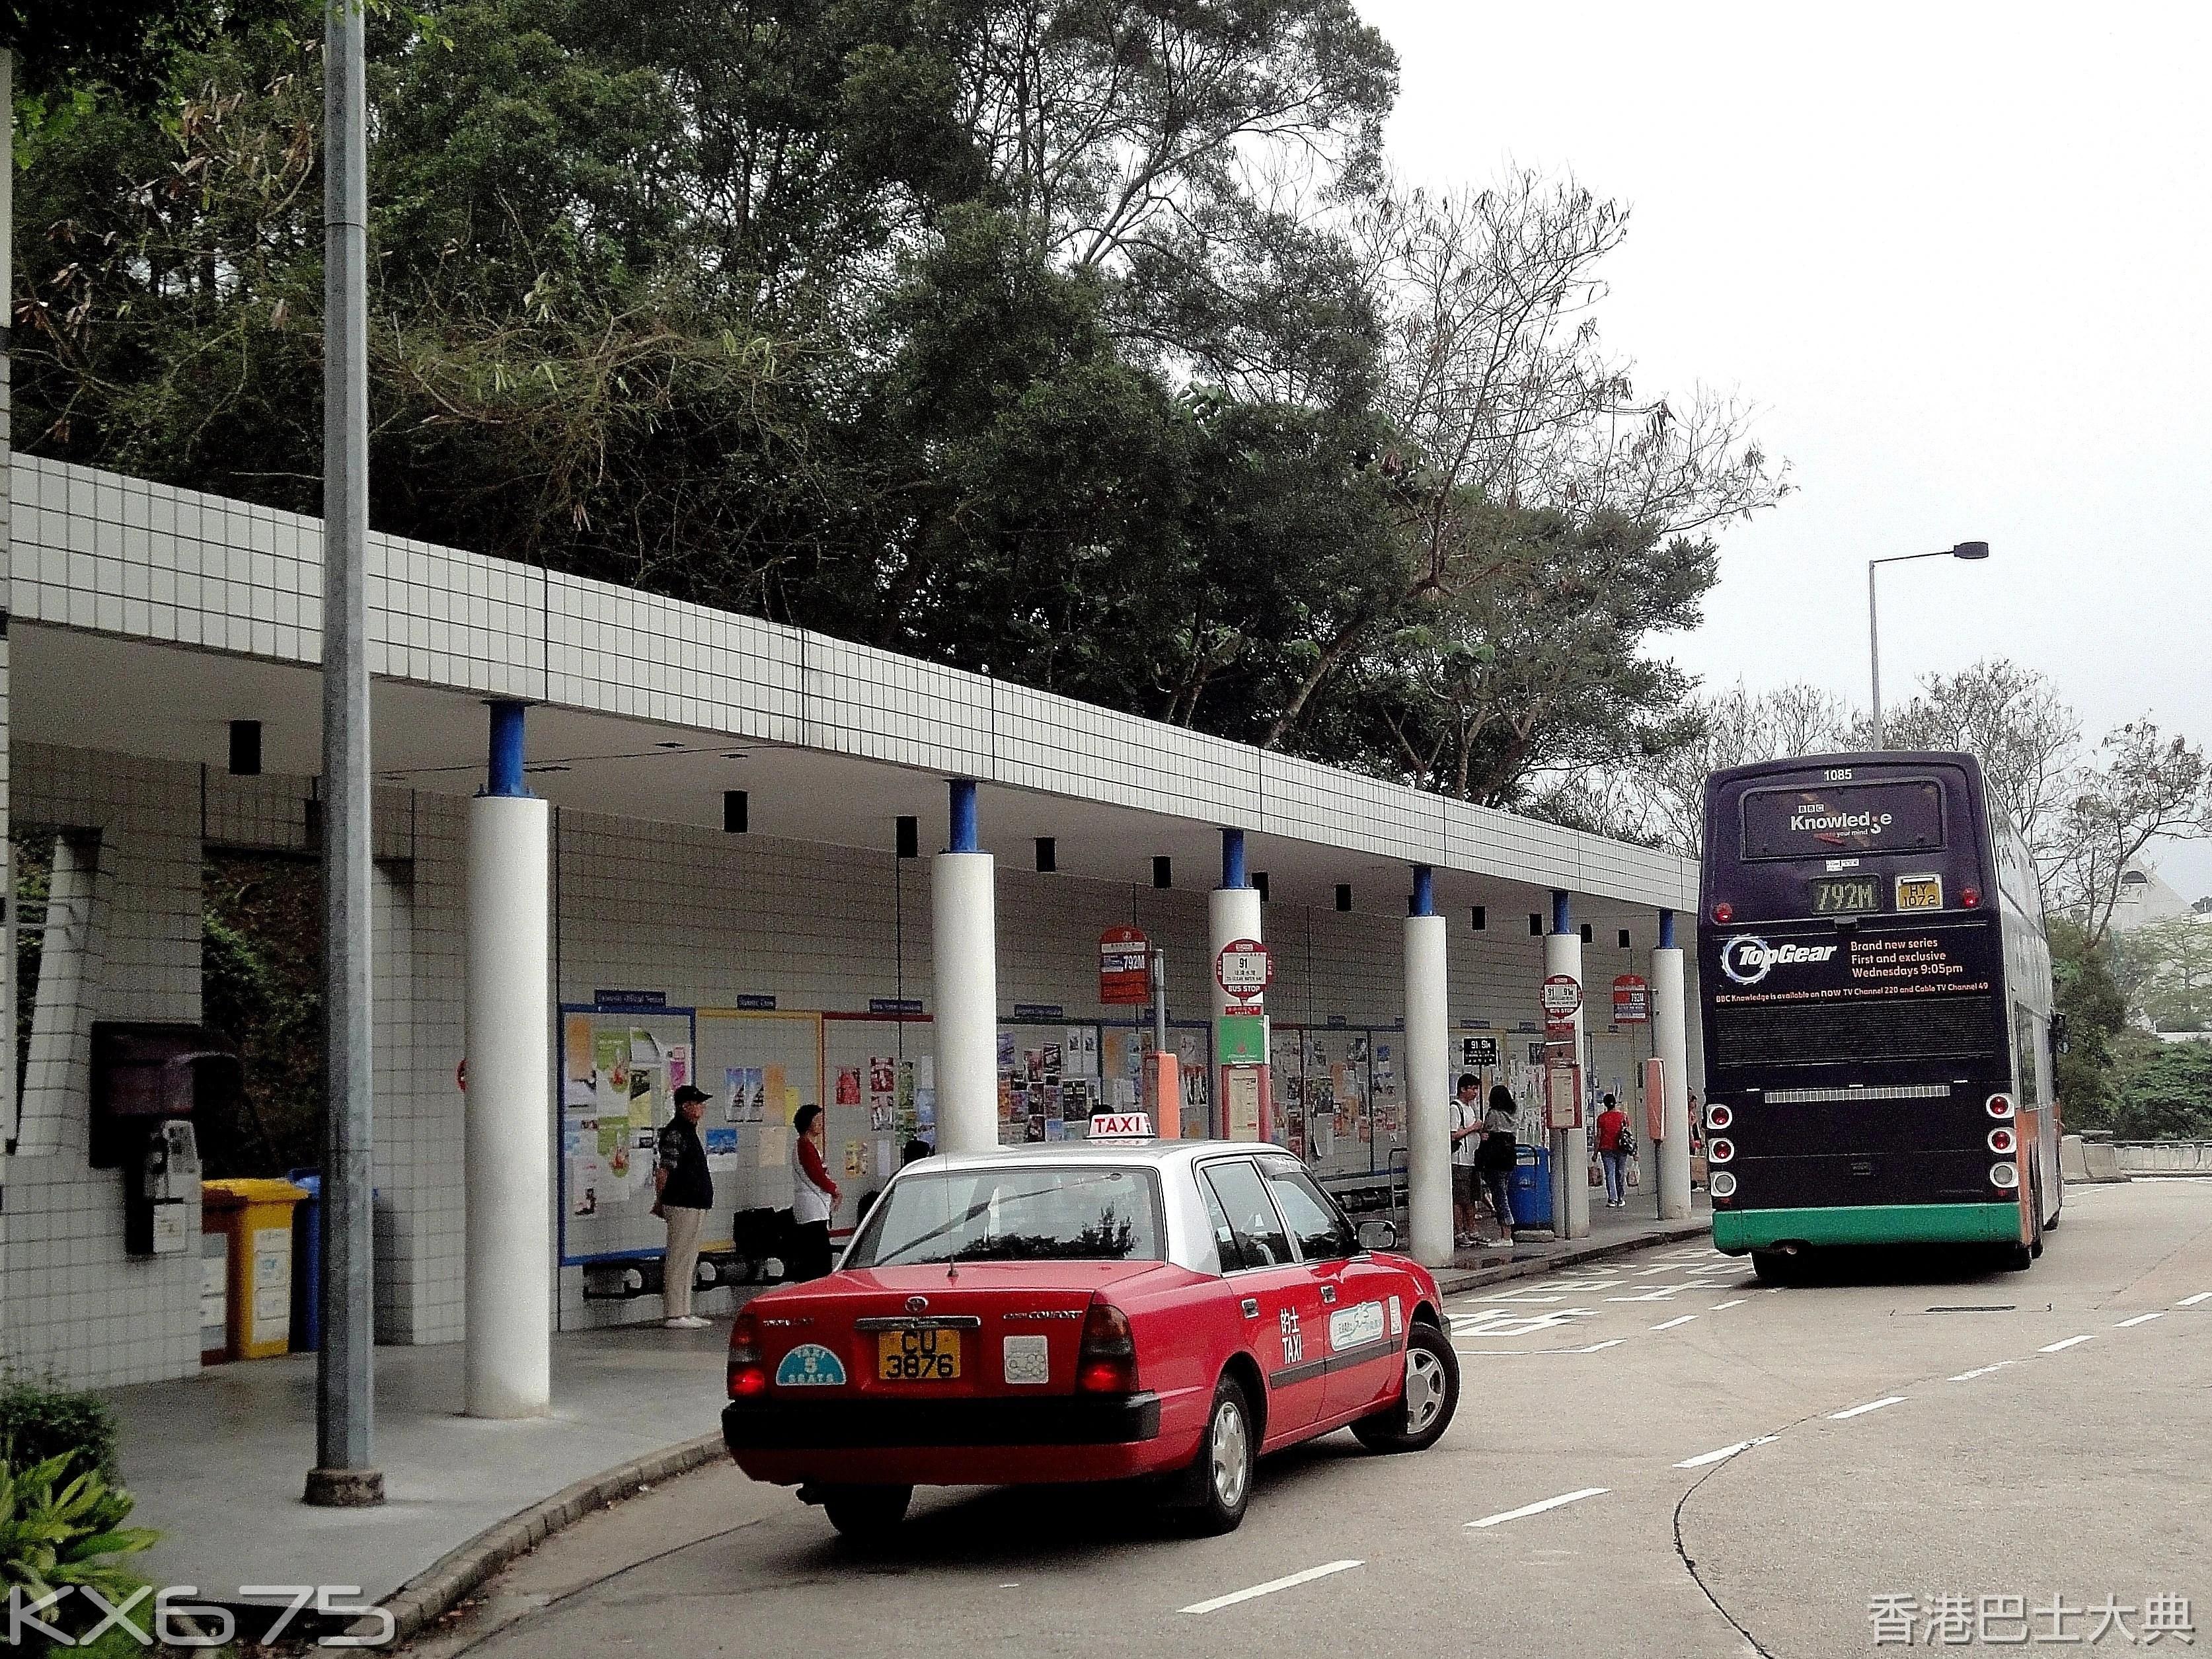 香港科技大學總站 - 香港巴士大典